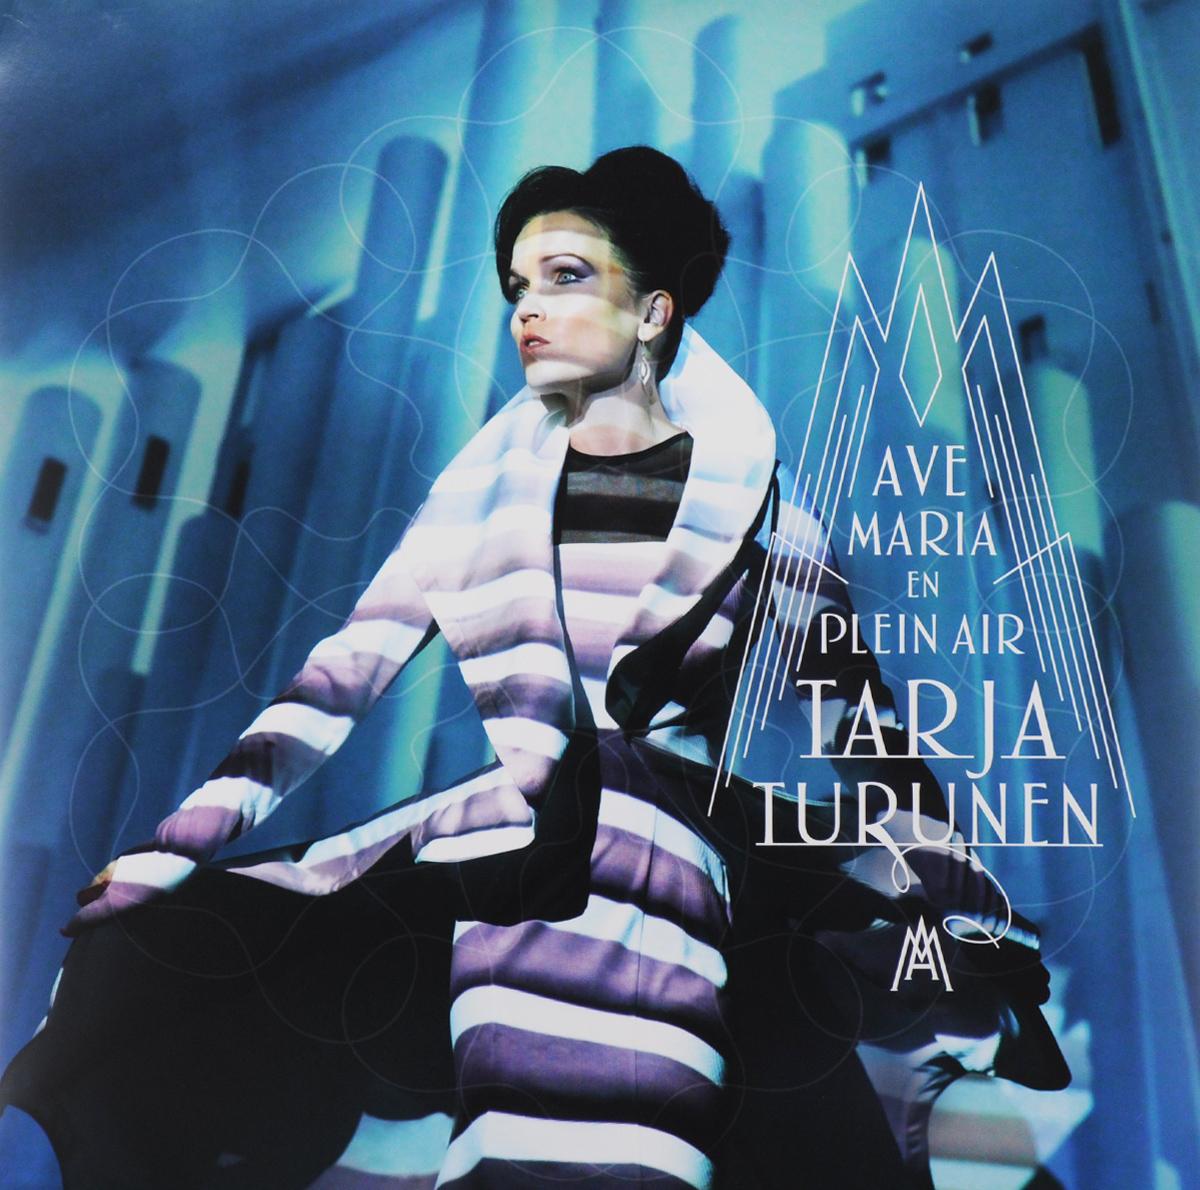 Tarja Turunen. Ave Maria En Plein Air (LP)